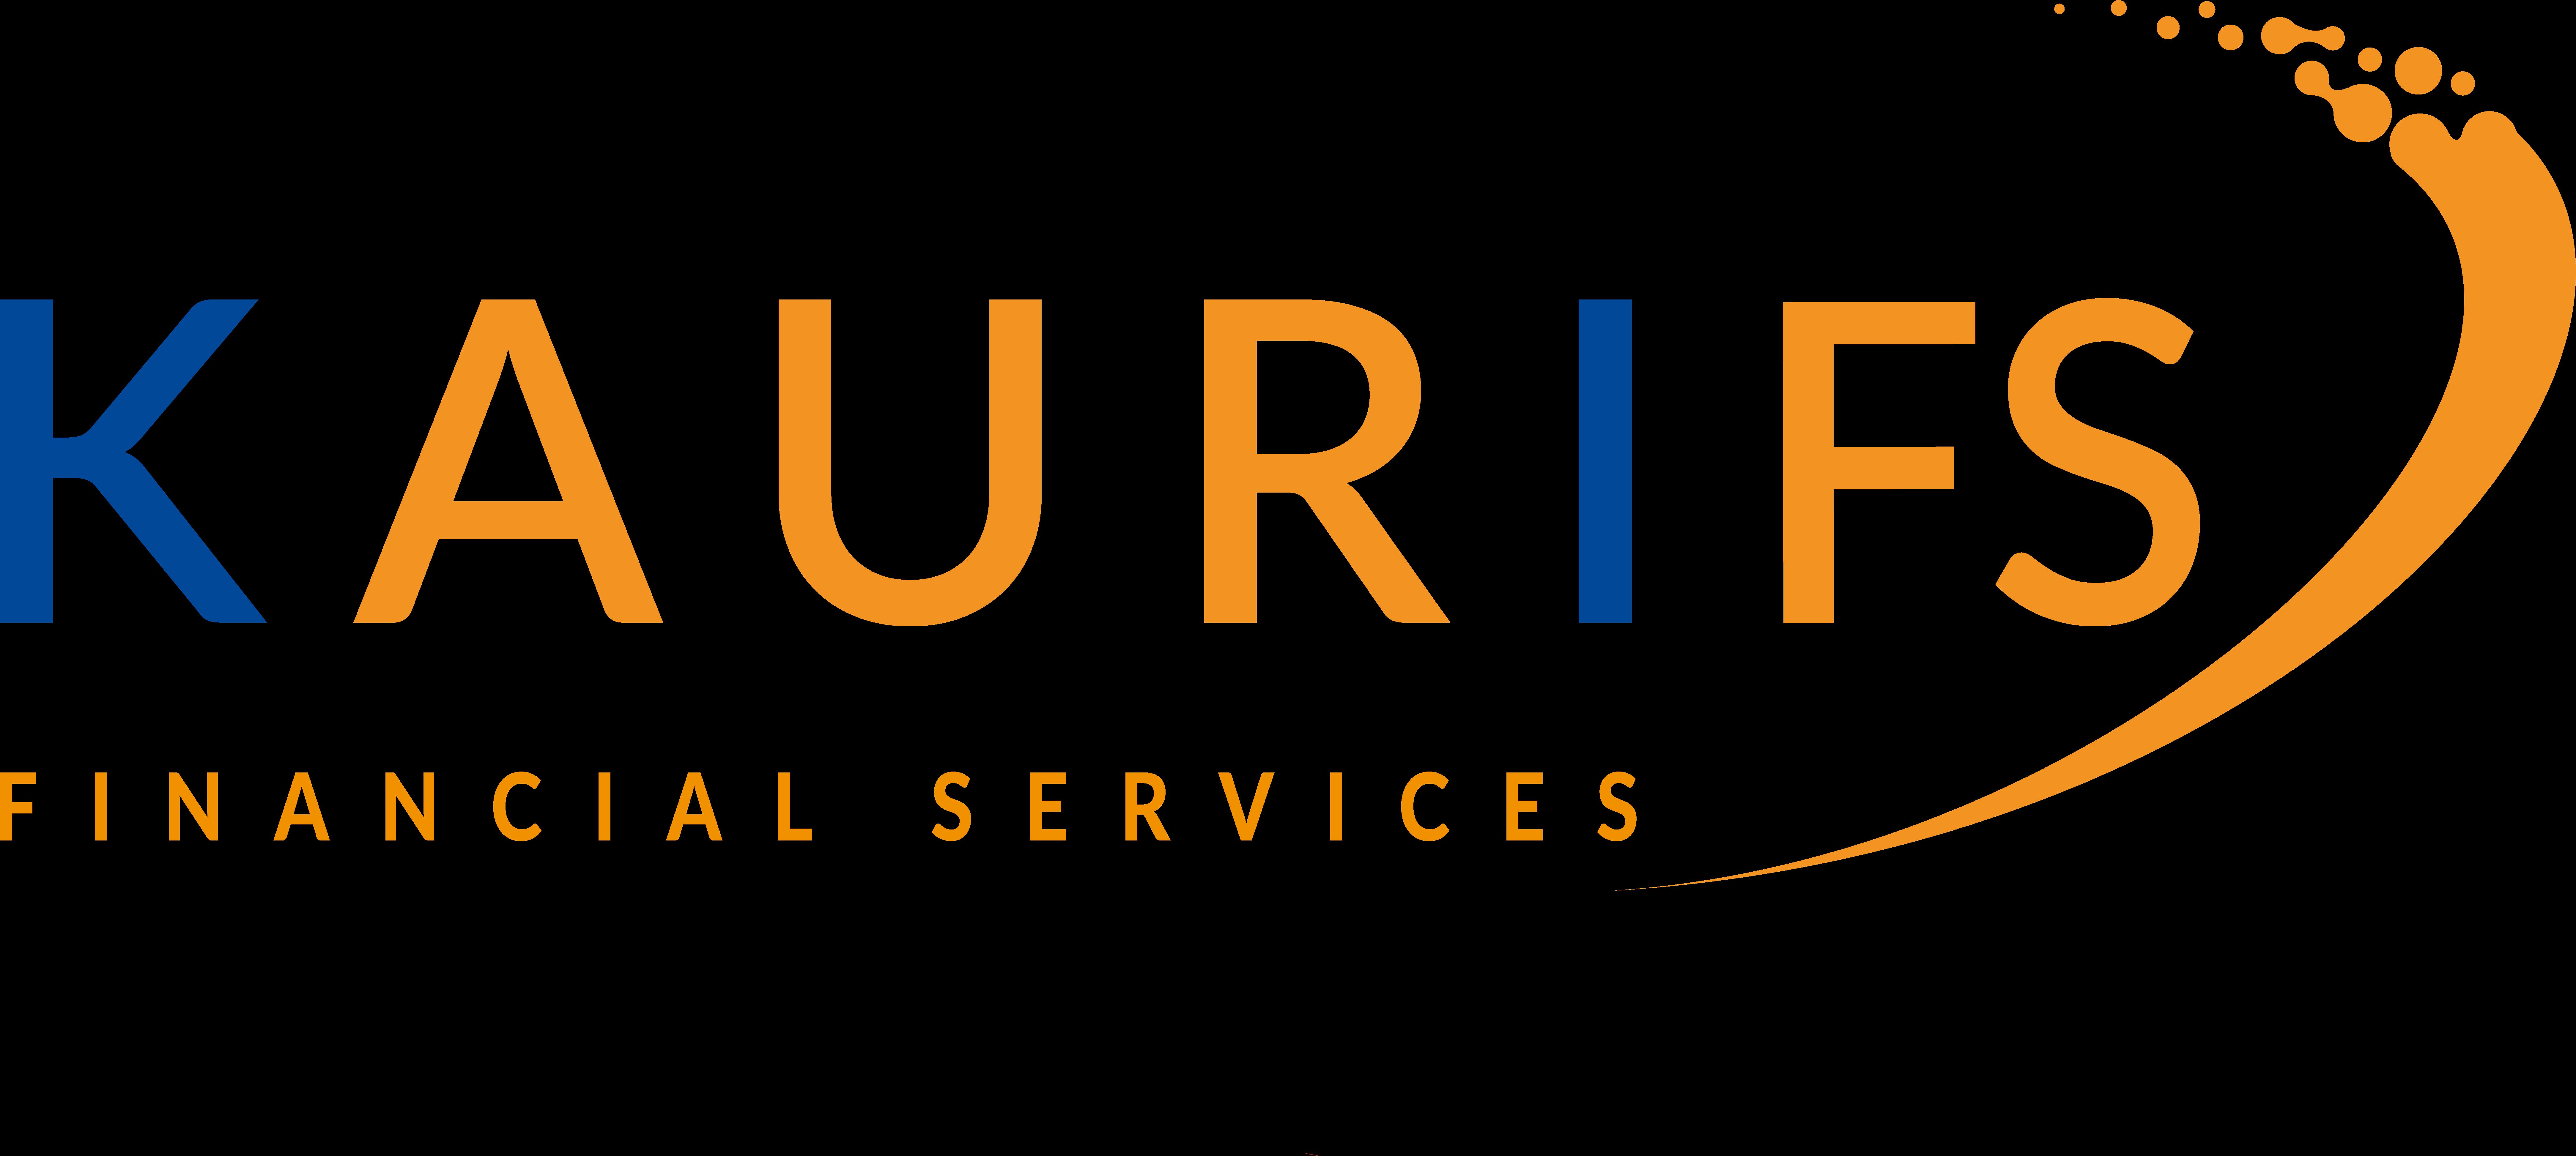 Kauri FS